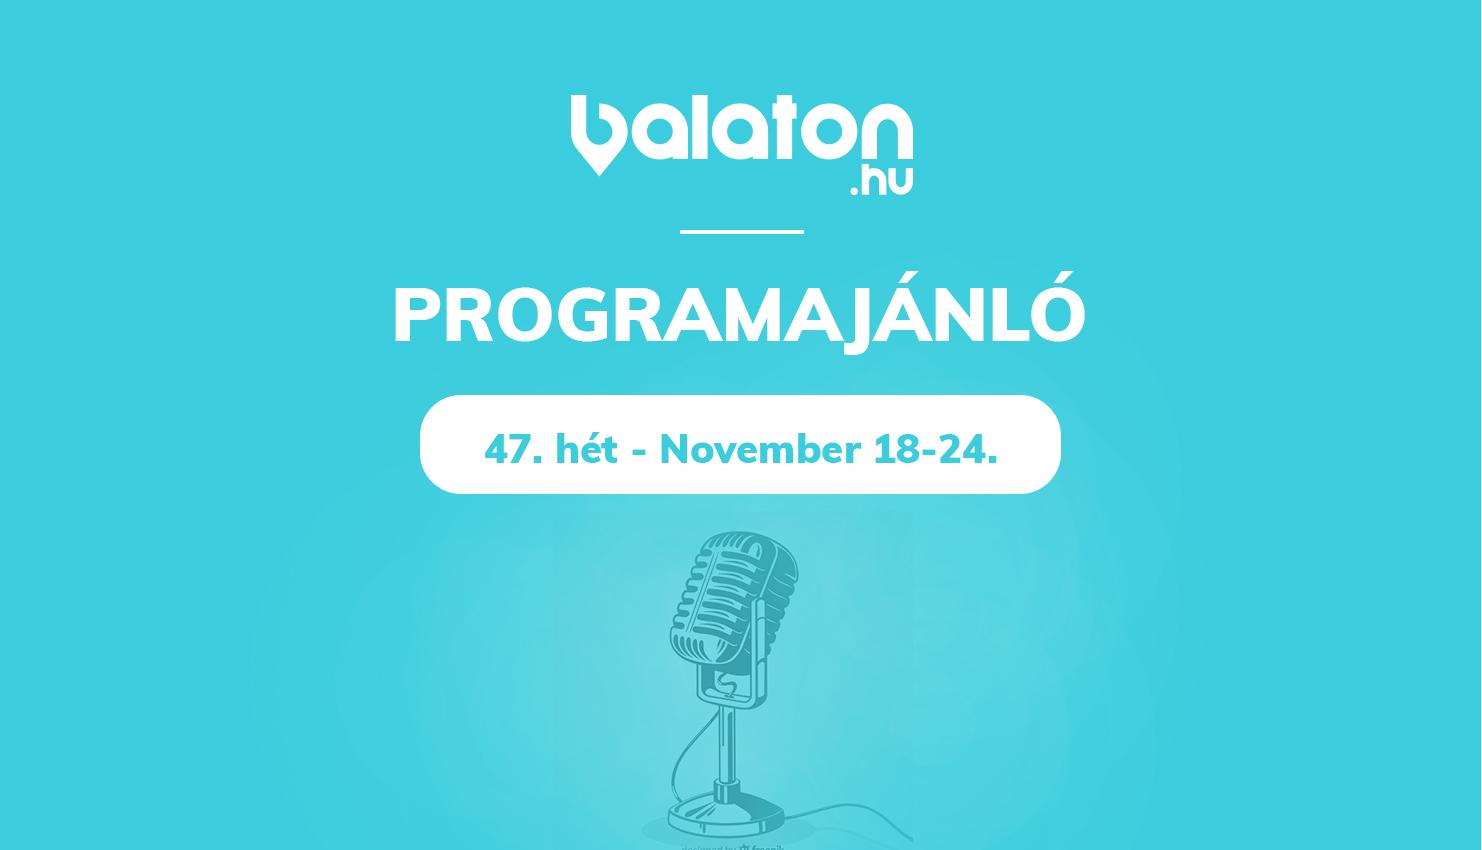 Heti programajánlónk – 47.hét / November 18 – 24.